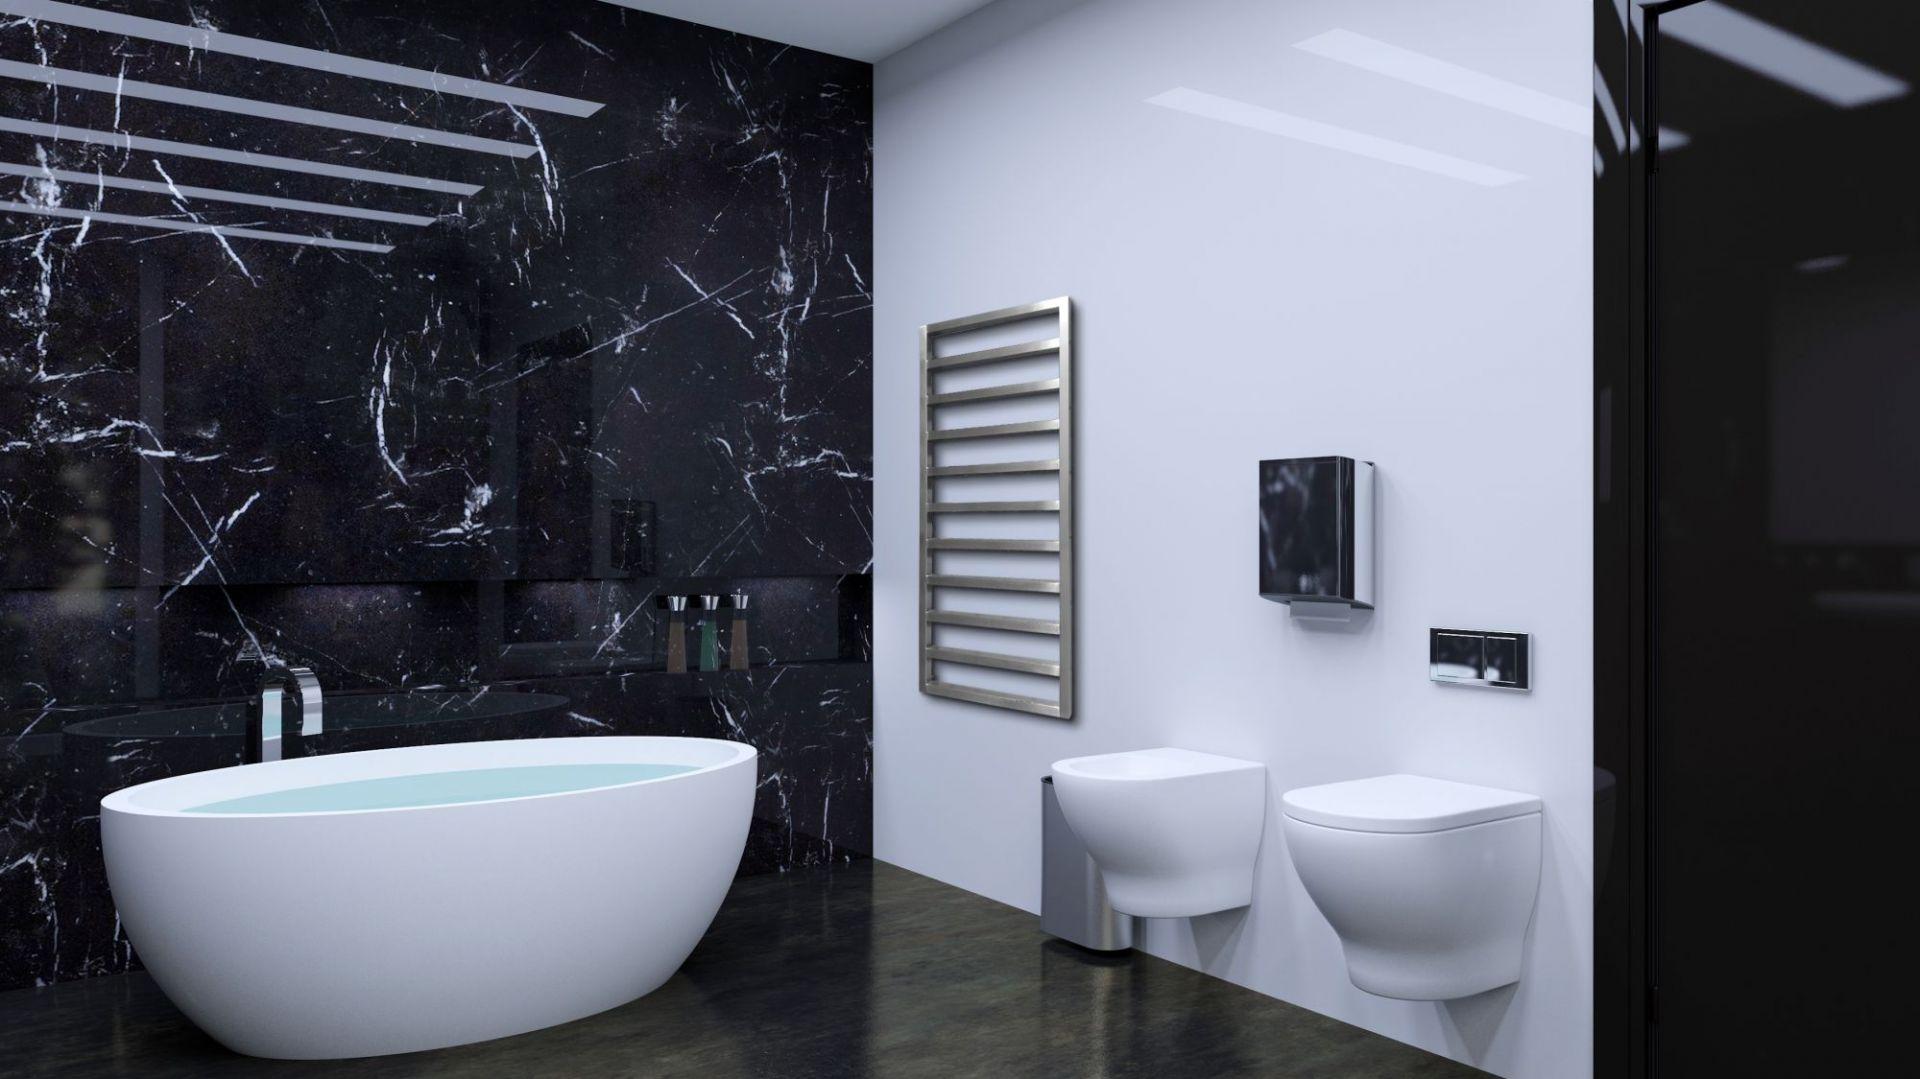 Nowoczesna łazienka - grzejnik Atria. Fot. Luxrad